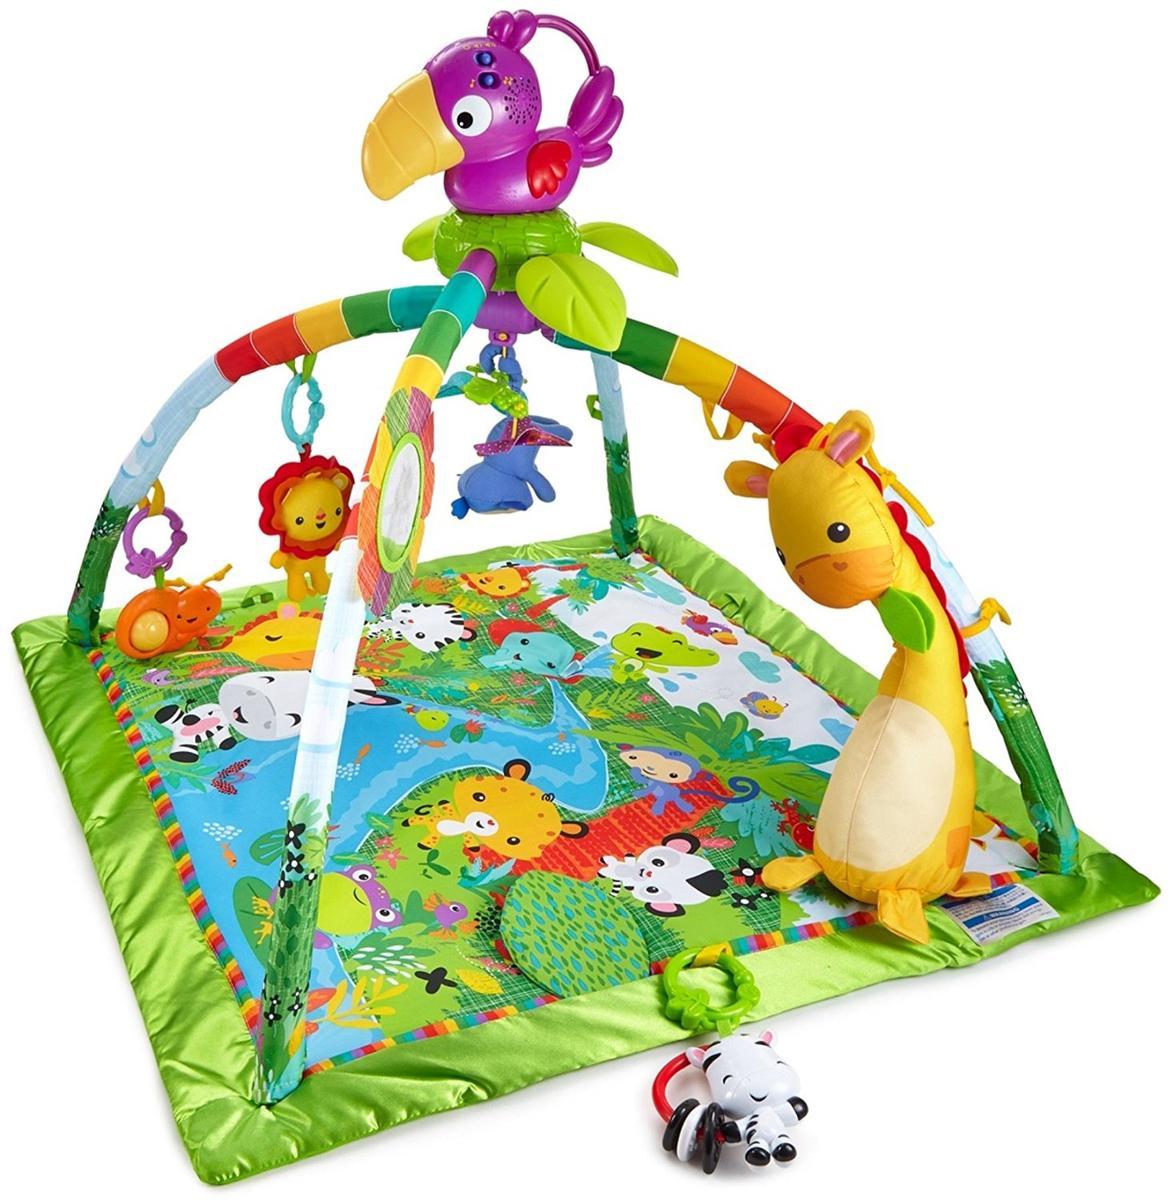 ベビージム プレイマット カラフル 赤ちゃん ジム 出産祝い 知育 玩具